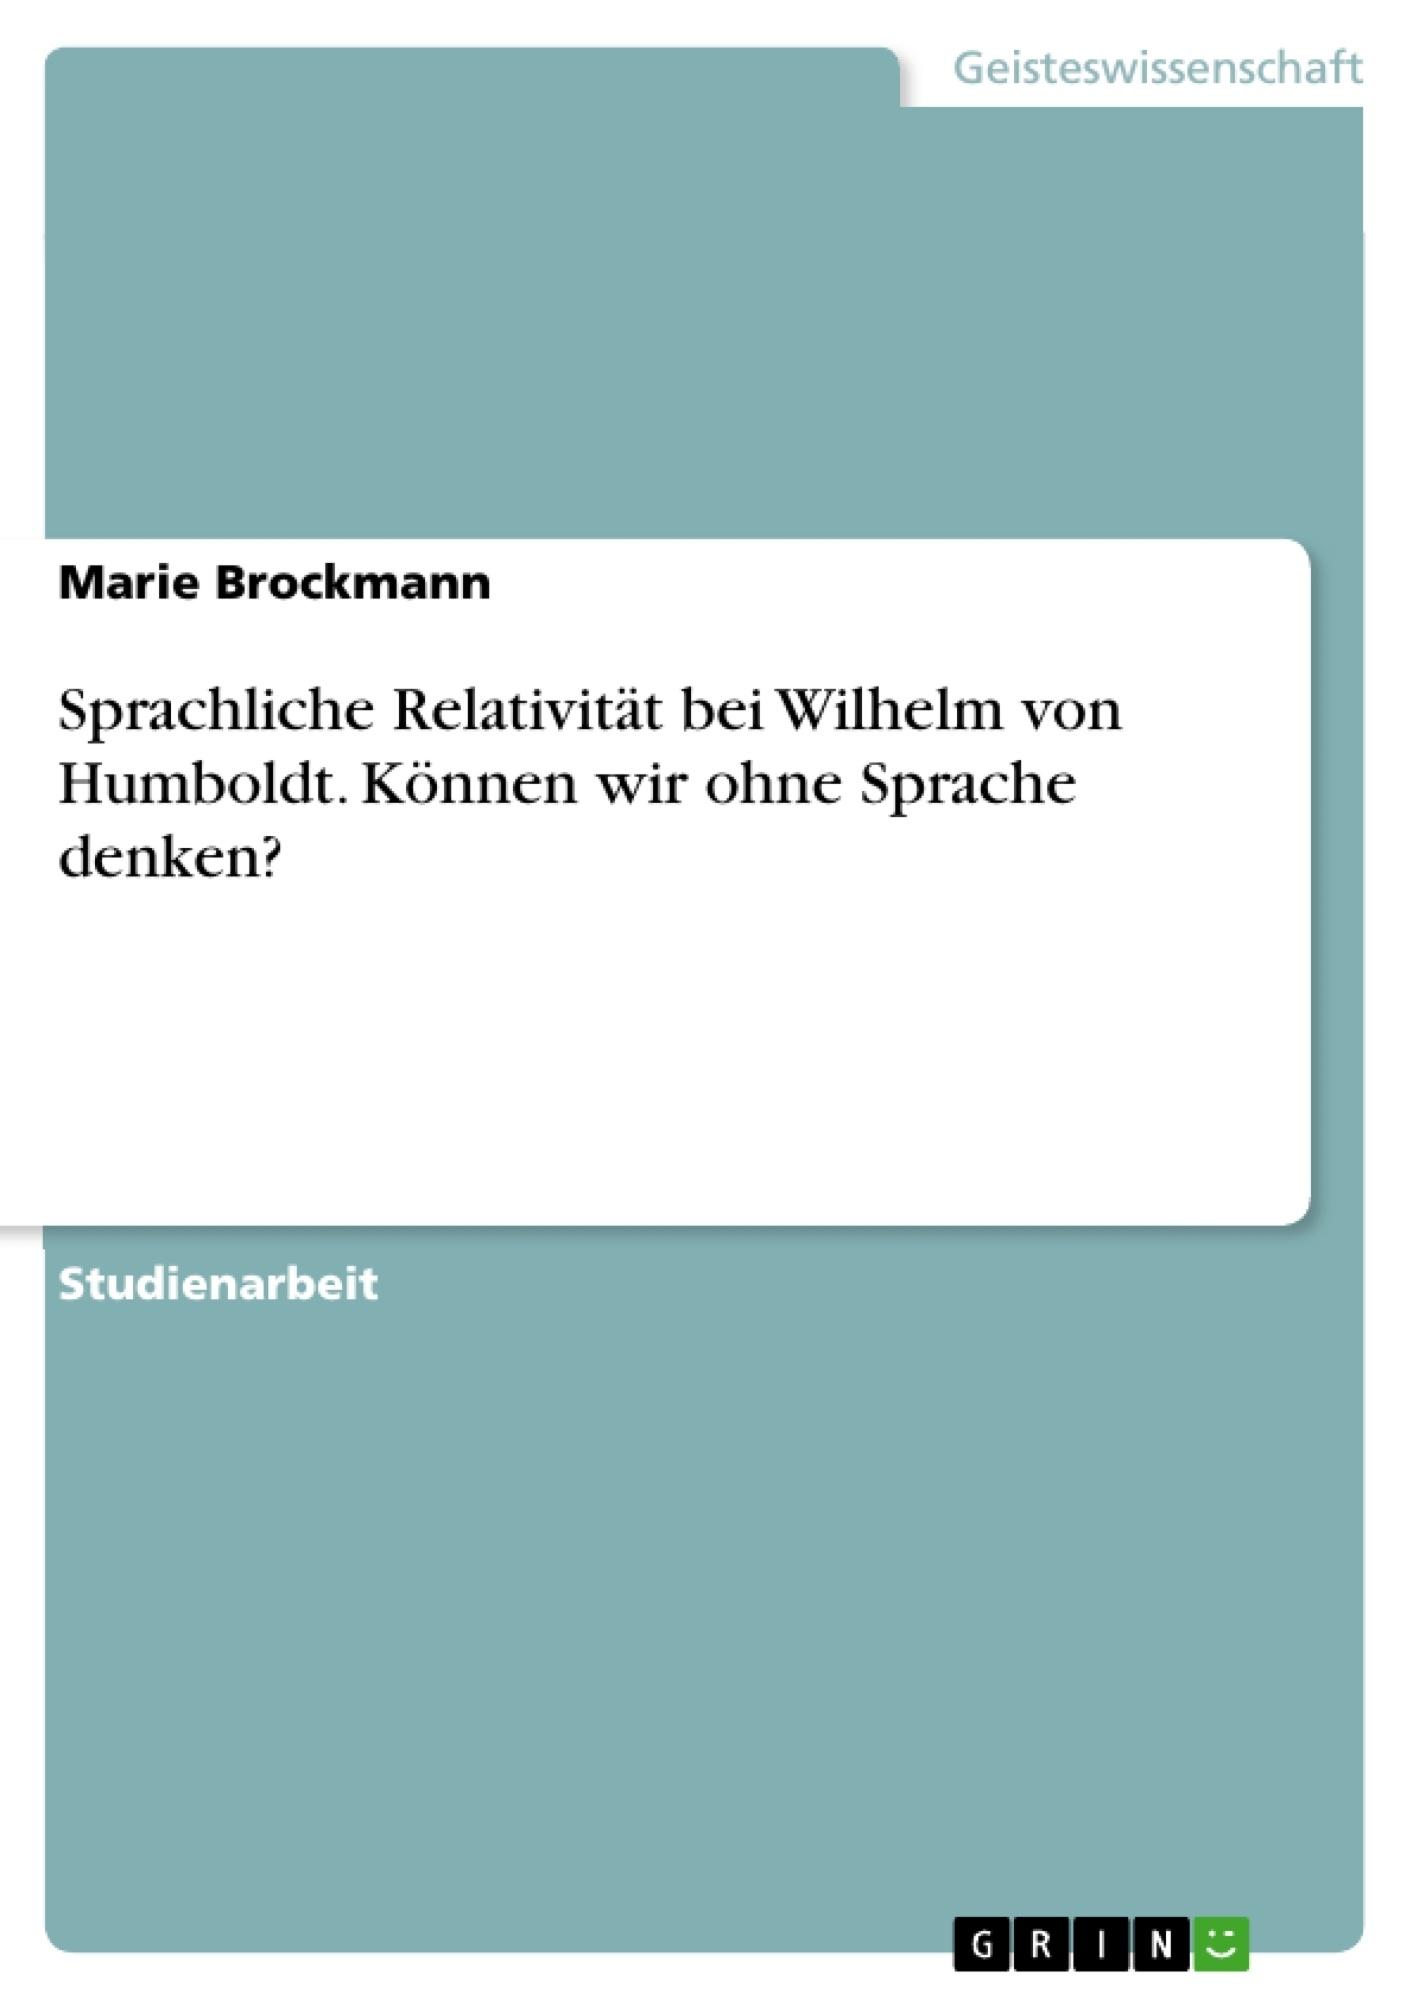 Titel: Sprachliche Relativität bei Wilhelm von Humboldt. Können wir ohne Sprache denken?